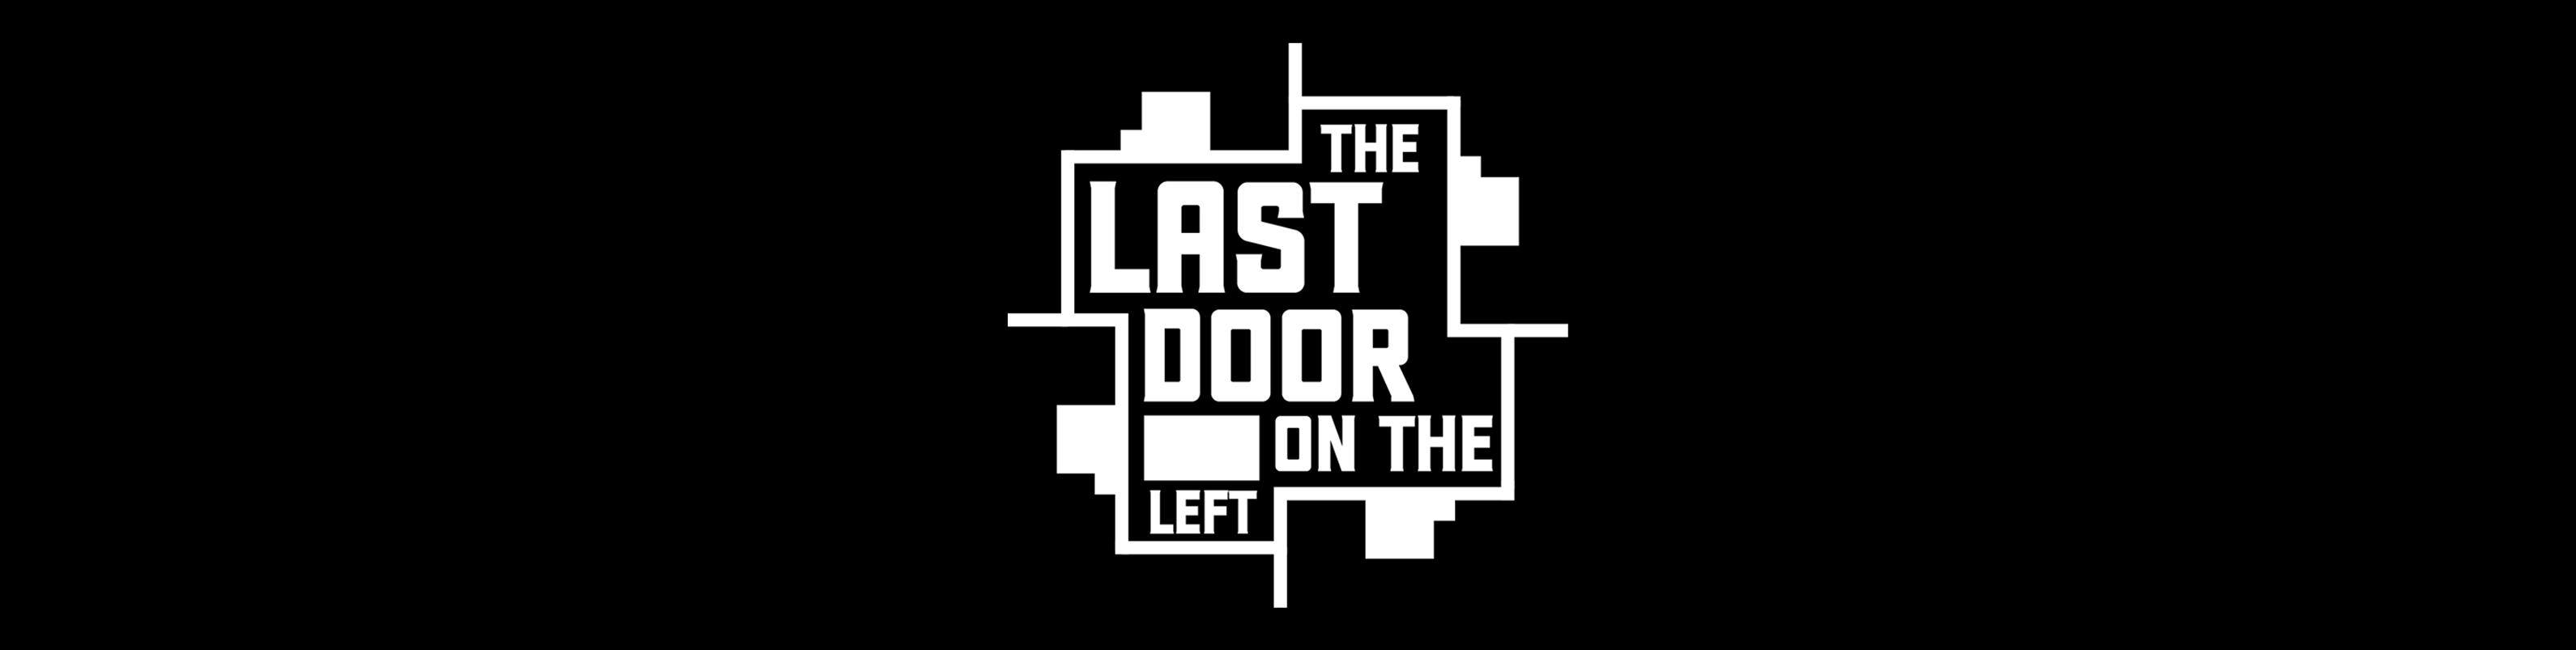 The Last Door on the Left